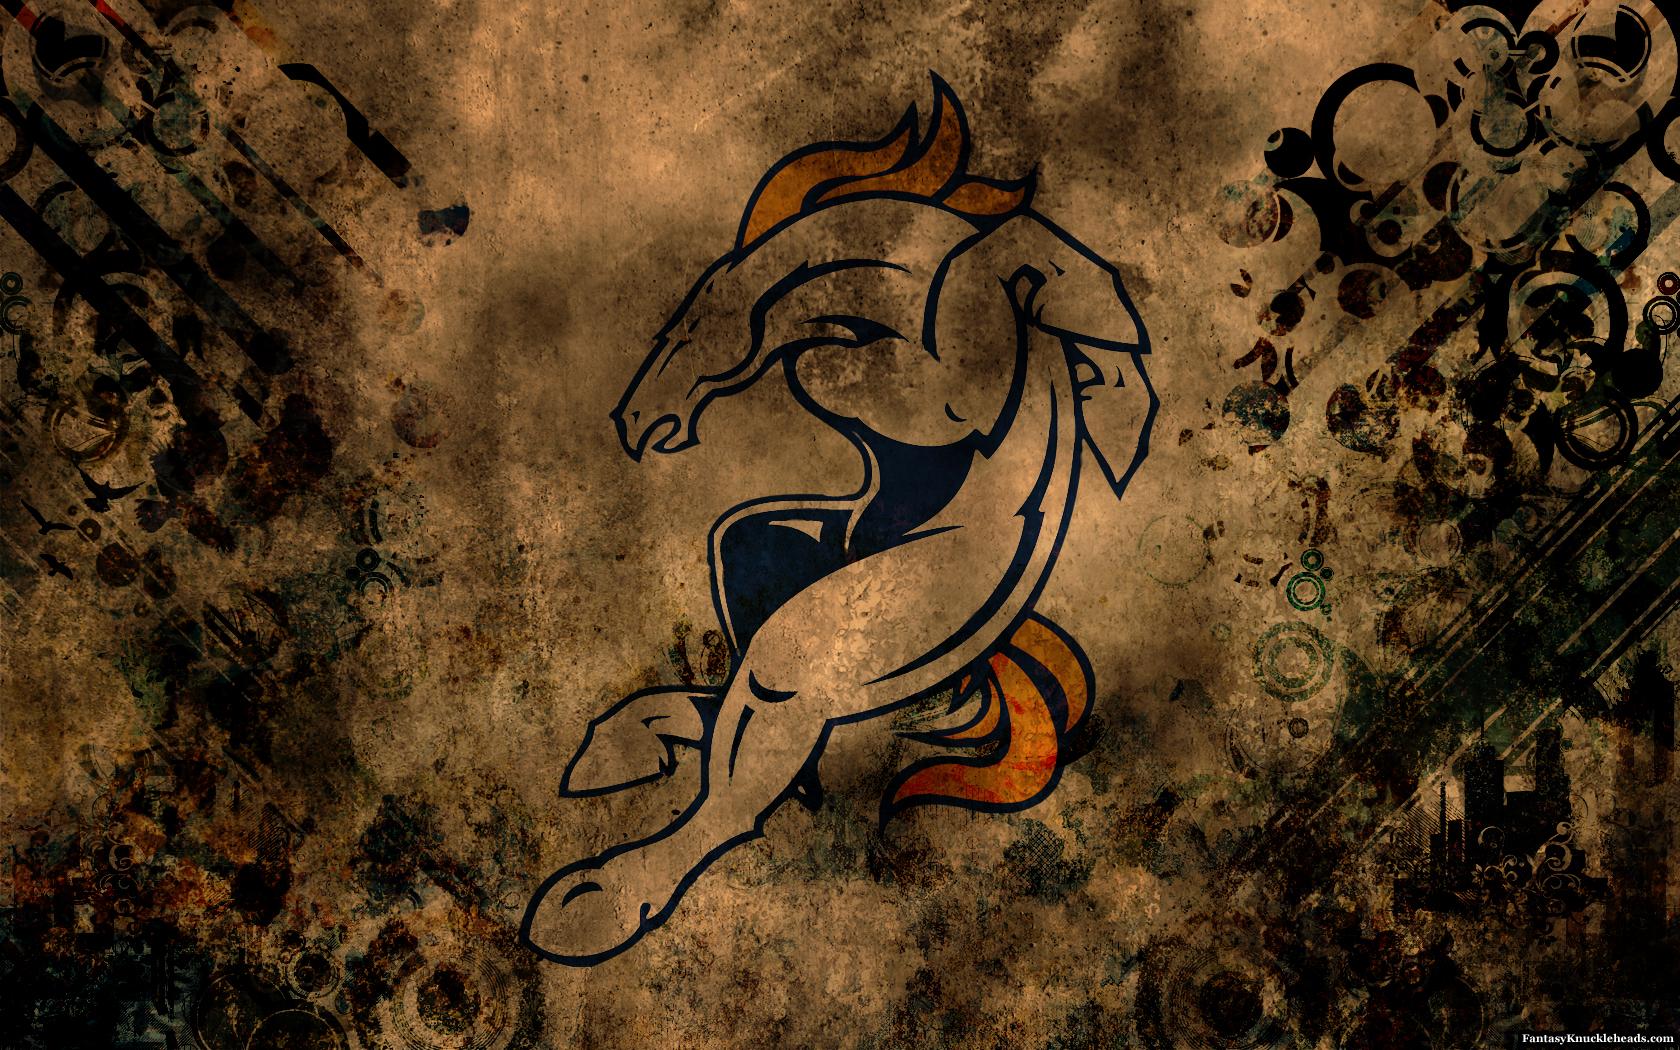 Cheerleaders Dallas Cowboys Denver Broncos Wallpaper Images Page 22 1680x1050